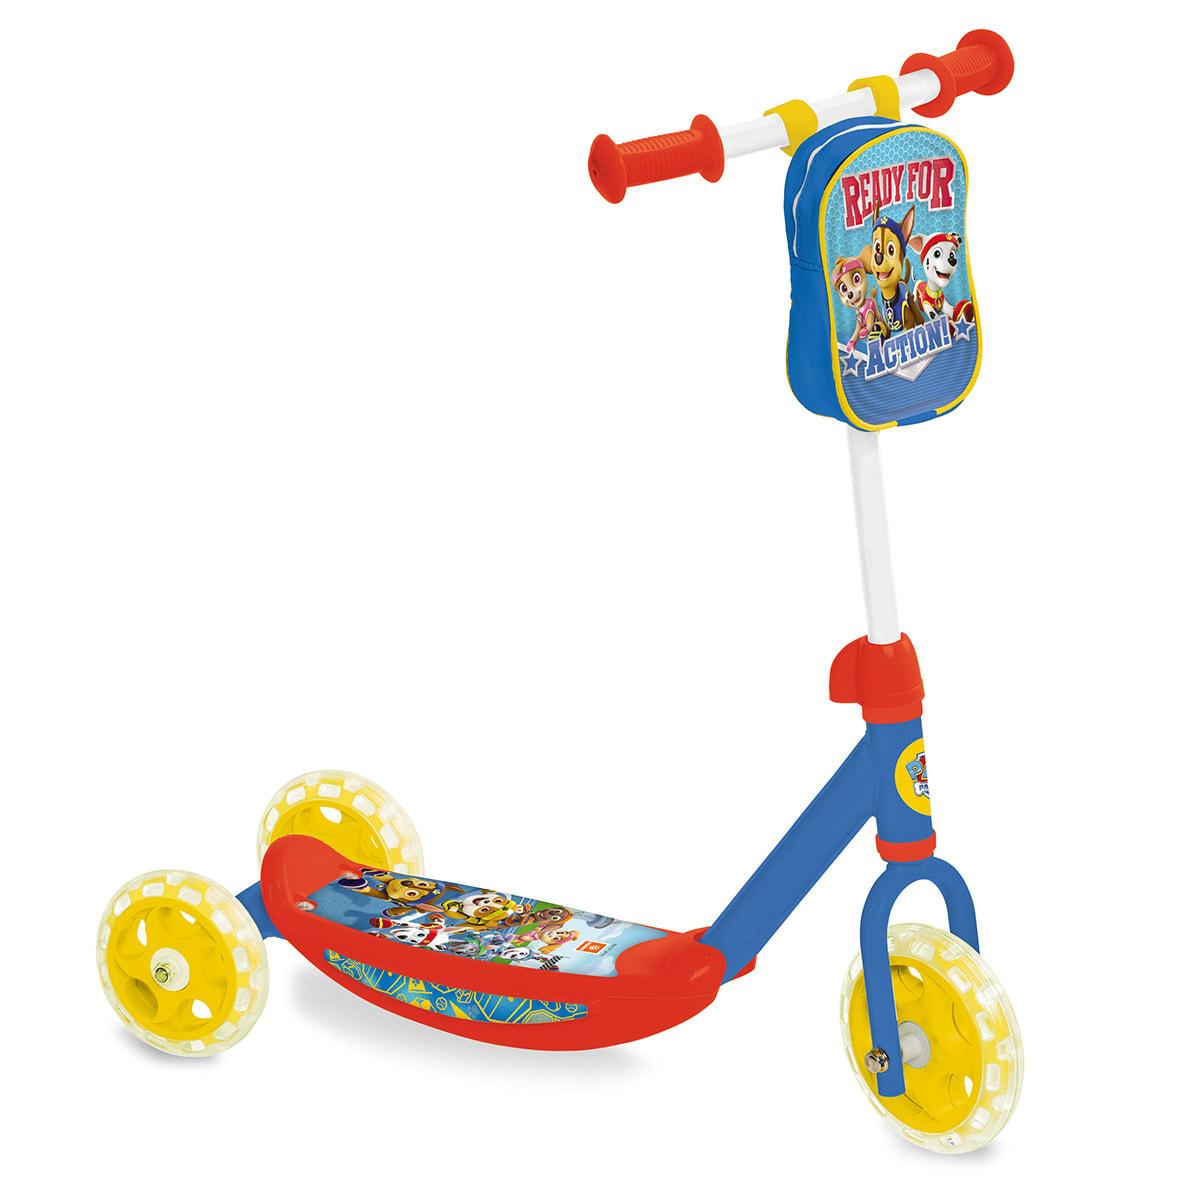 Løbehjul med tre hjul, så de mindste nemmere kan holde balancen